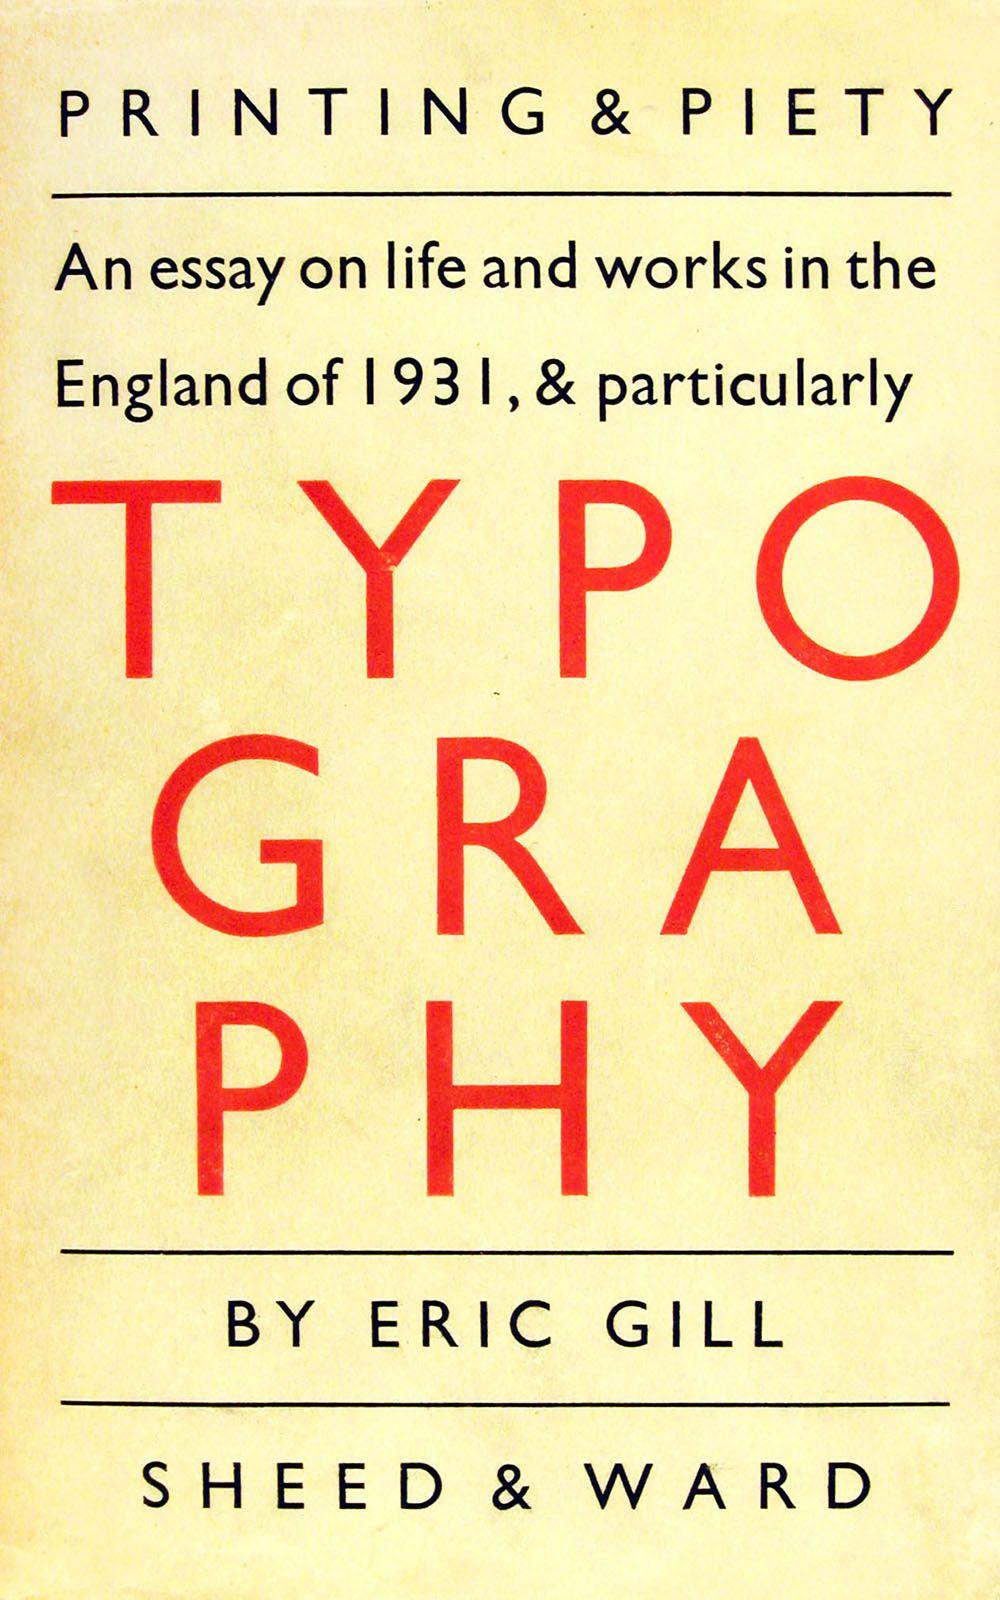 """""""ESSAY ON TYPOGRAPHY"""". ERIC GILL. 1931. Tipografía propia Joanna. Gill describe sus puntos de vista en tipografía y sobre el humanismo en plena era industrial."""